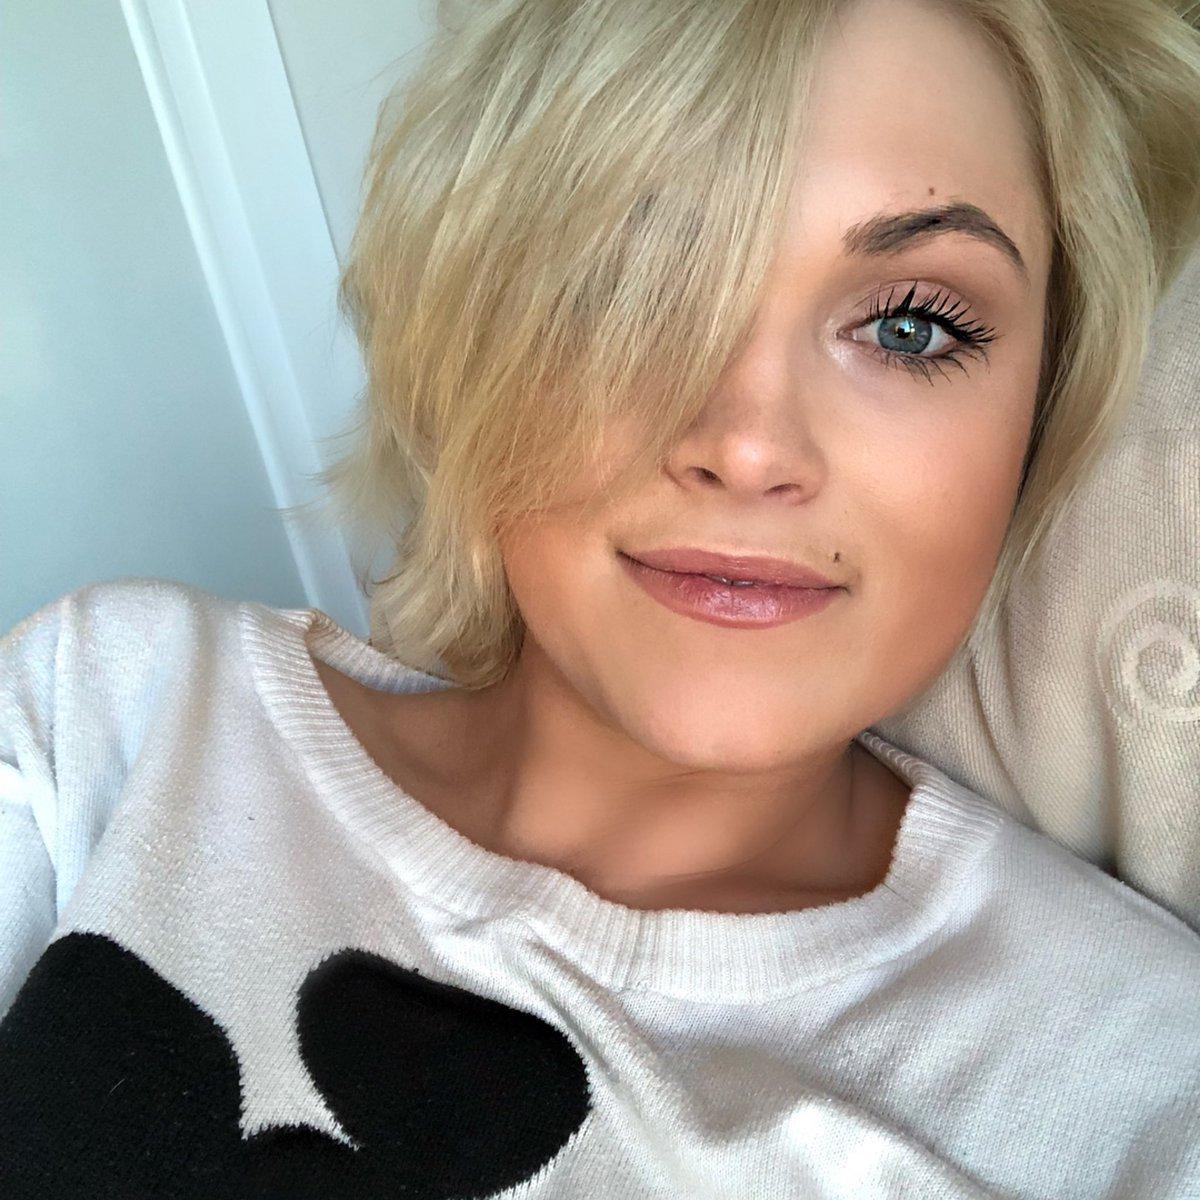 Selfie Eliza Taylor nude (61 photo), Ass, Sideboobs, Selfie, braless 2015